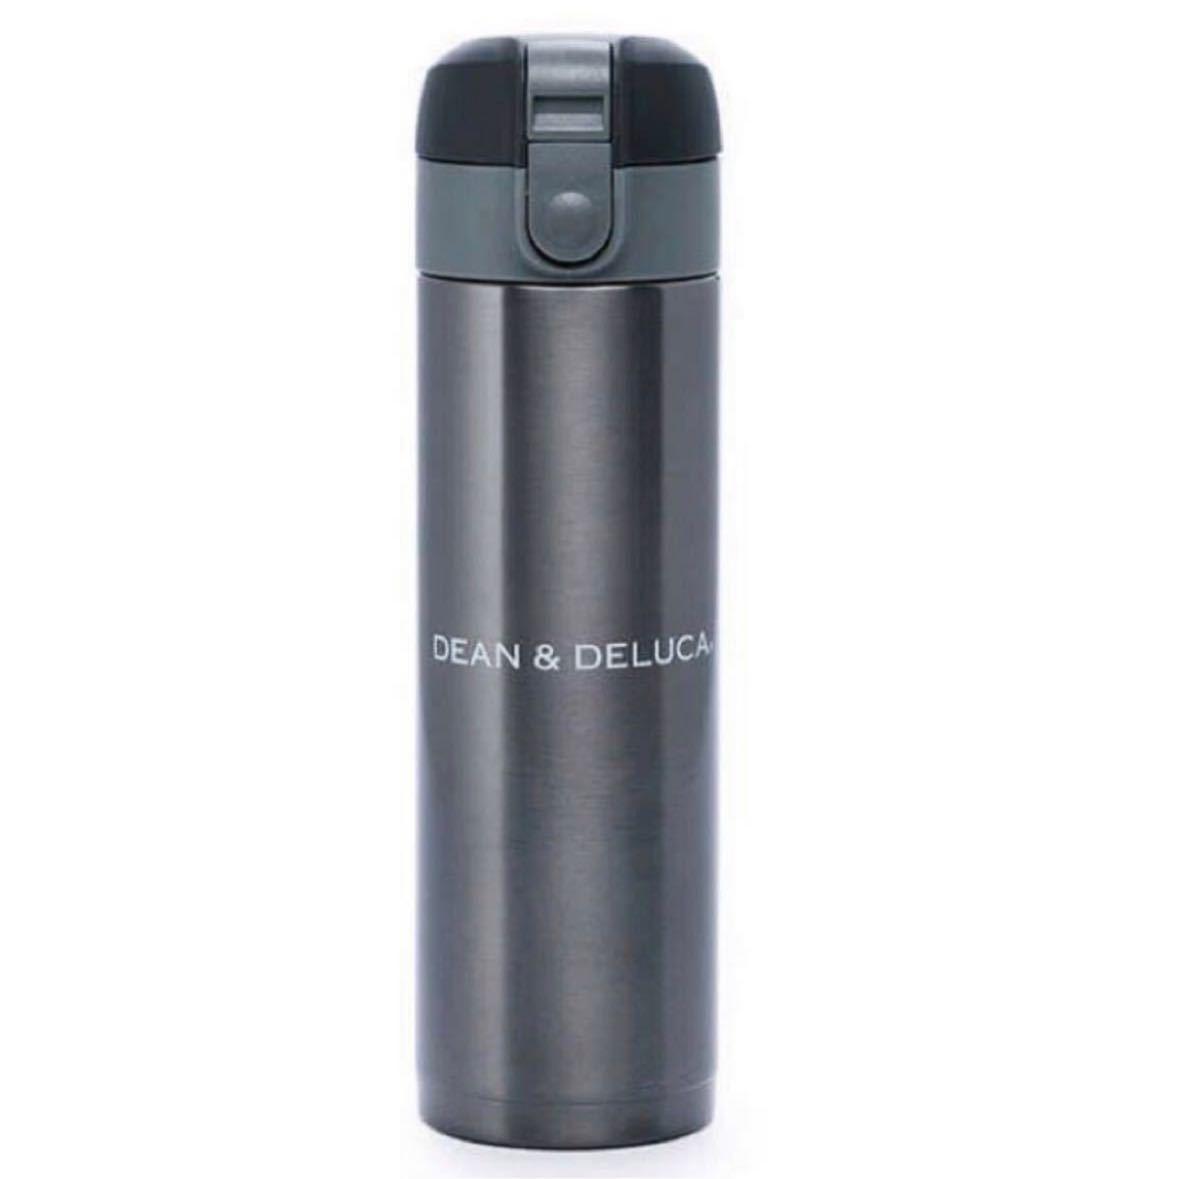 新品*DEAN&DELUCA*ステンレスボトル*水筒*タンブラー*ステンレスマグ